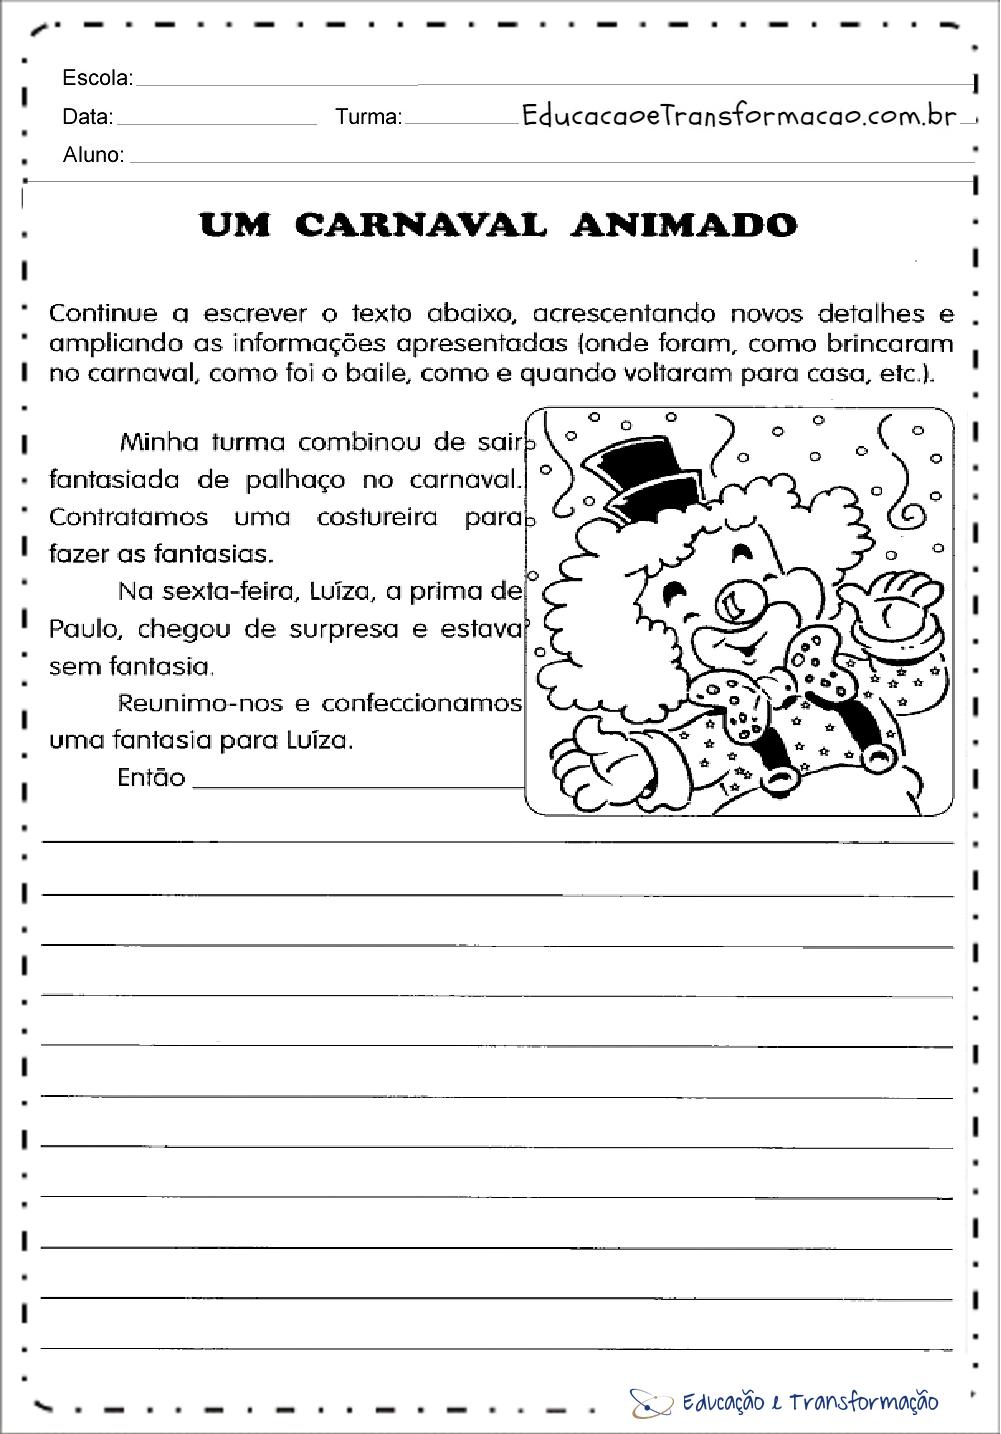 Atividades de Carnaval 2 ano